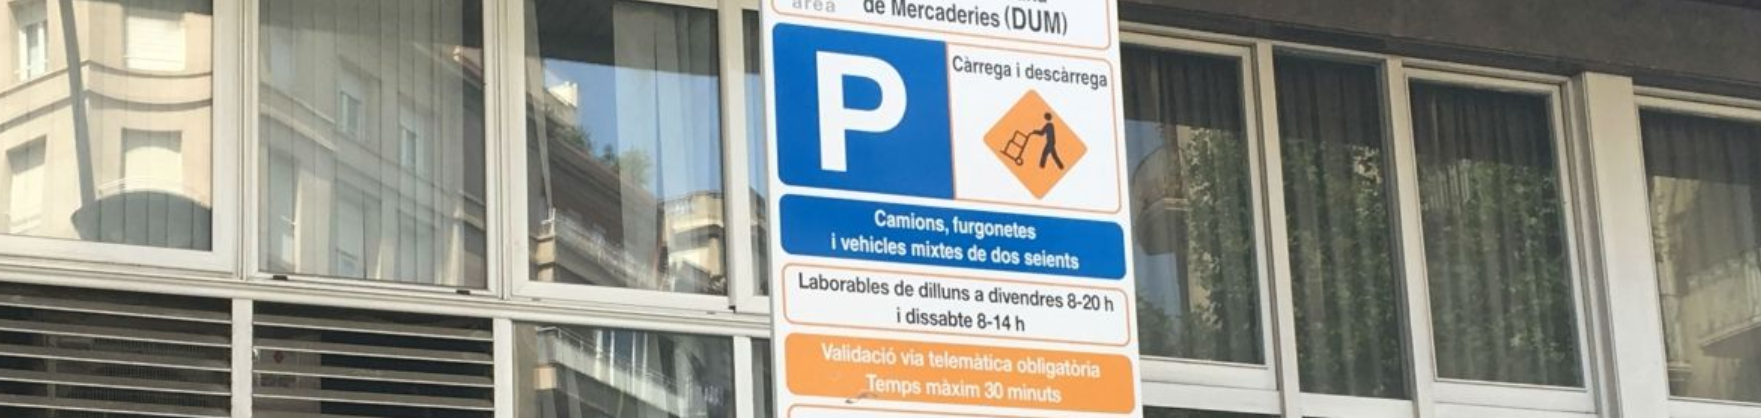 Conveni amb l'Ajuntament de Barcelona